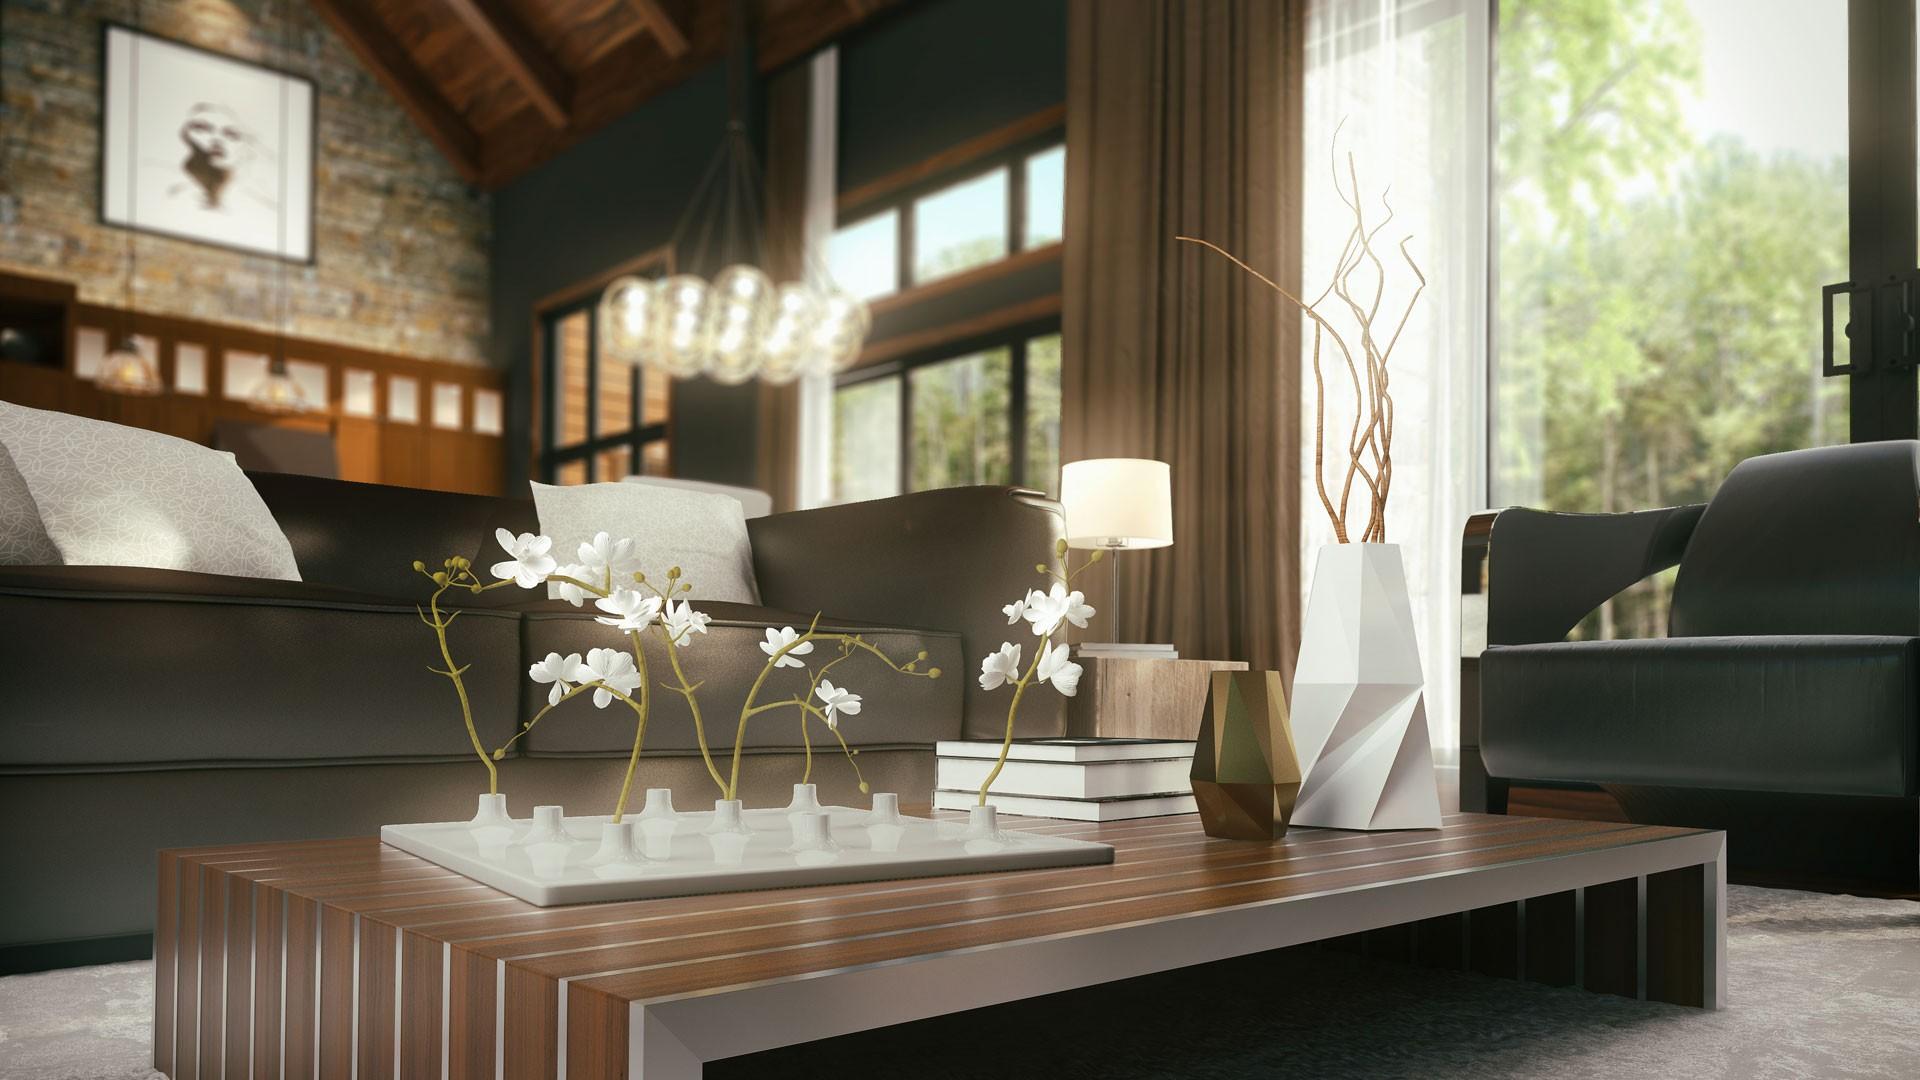 Le Saint-Sauveur_Luxury home plan_Domicil